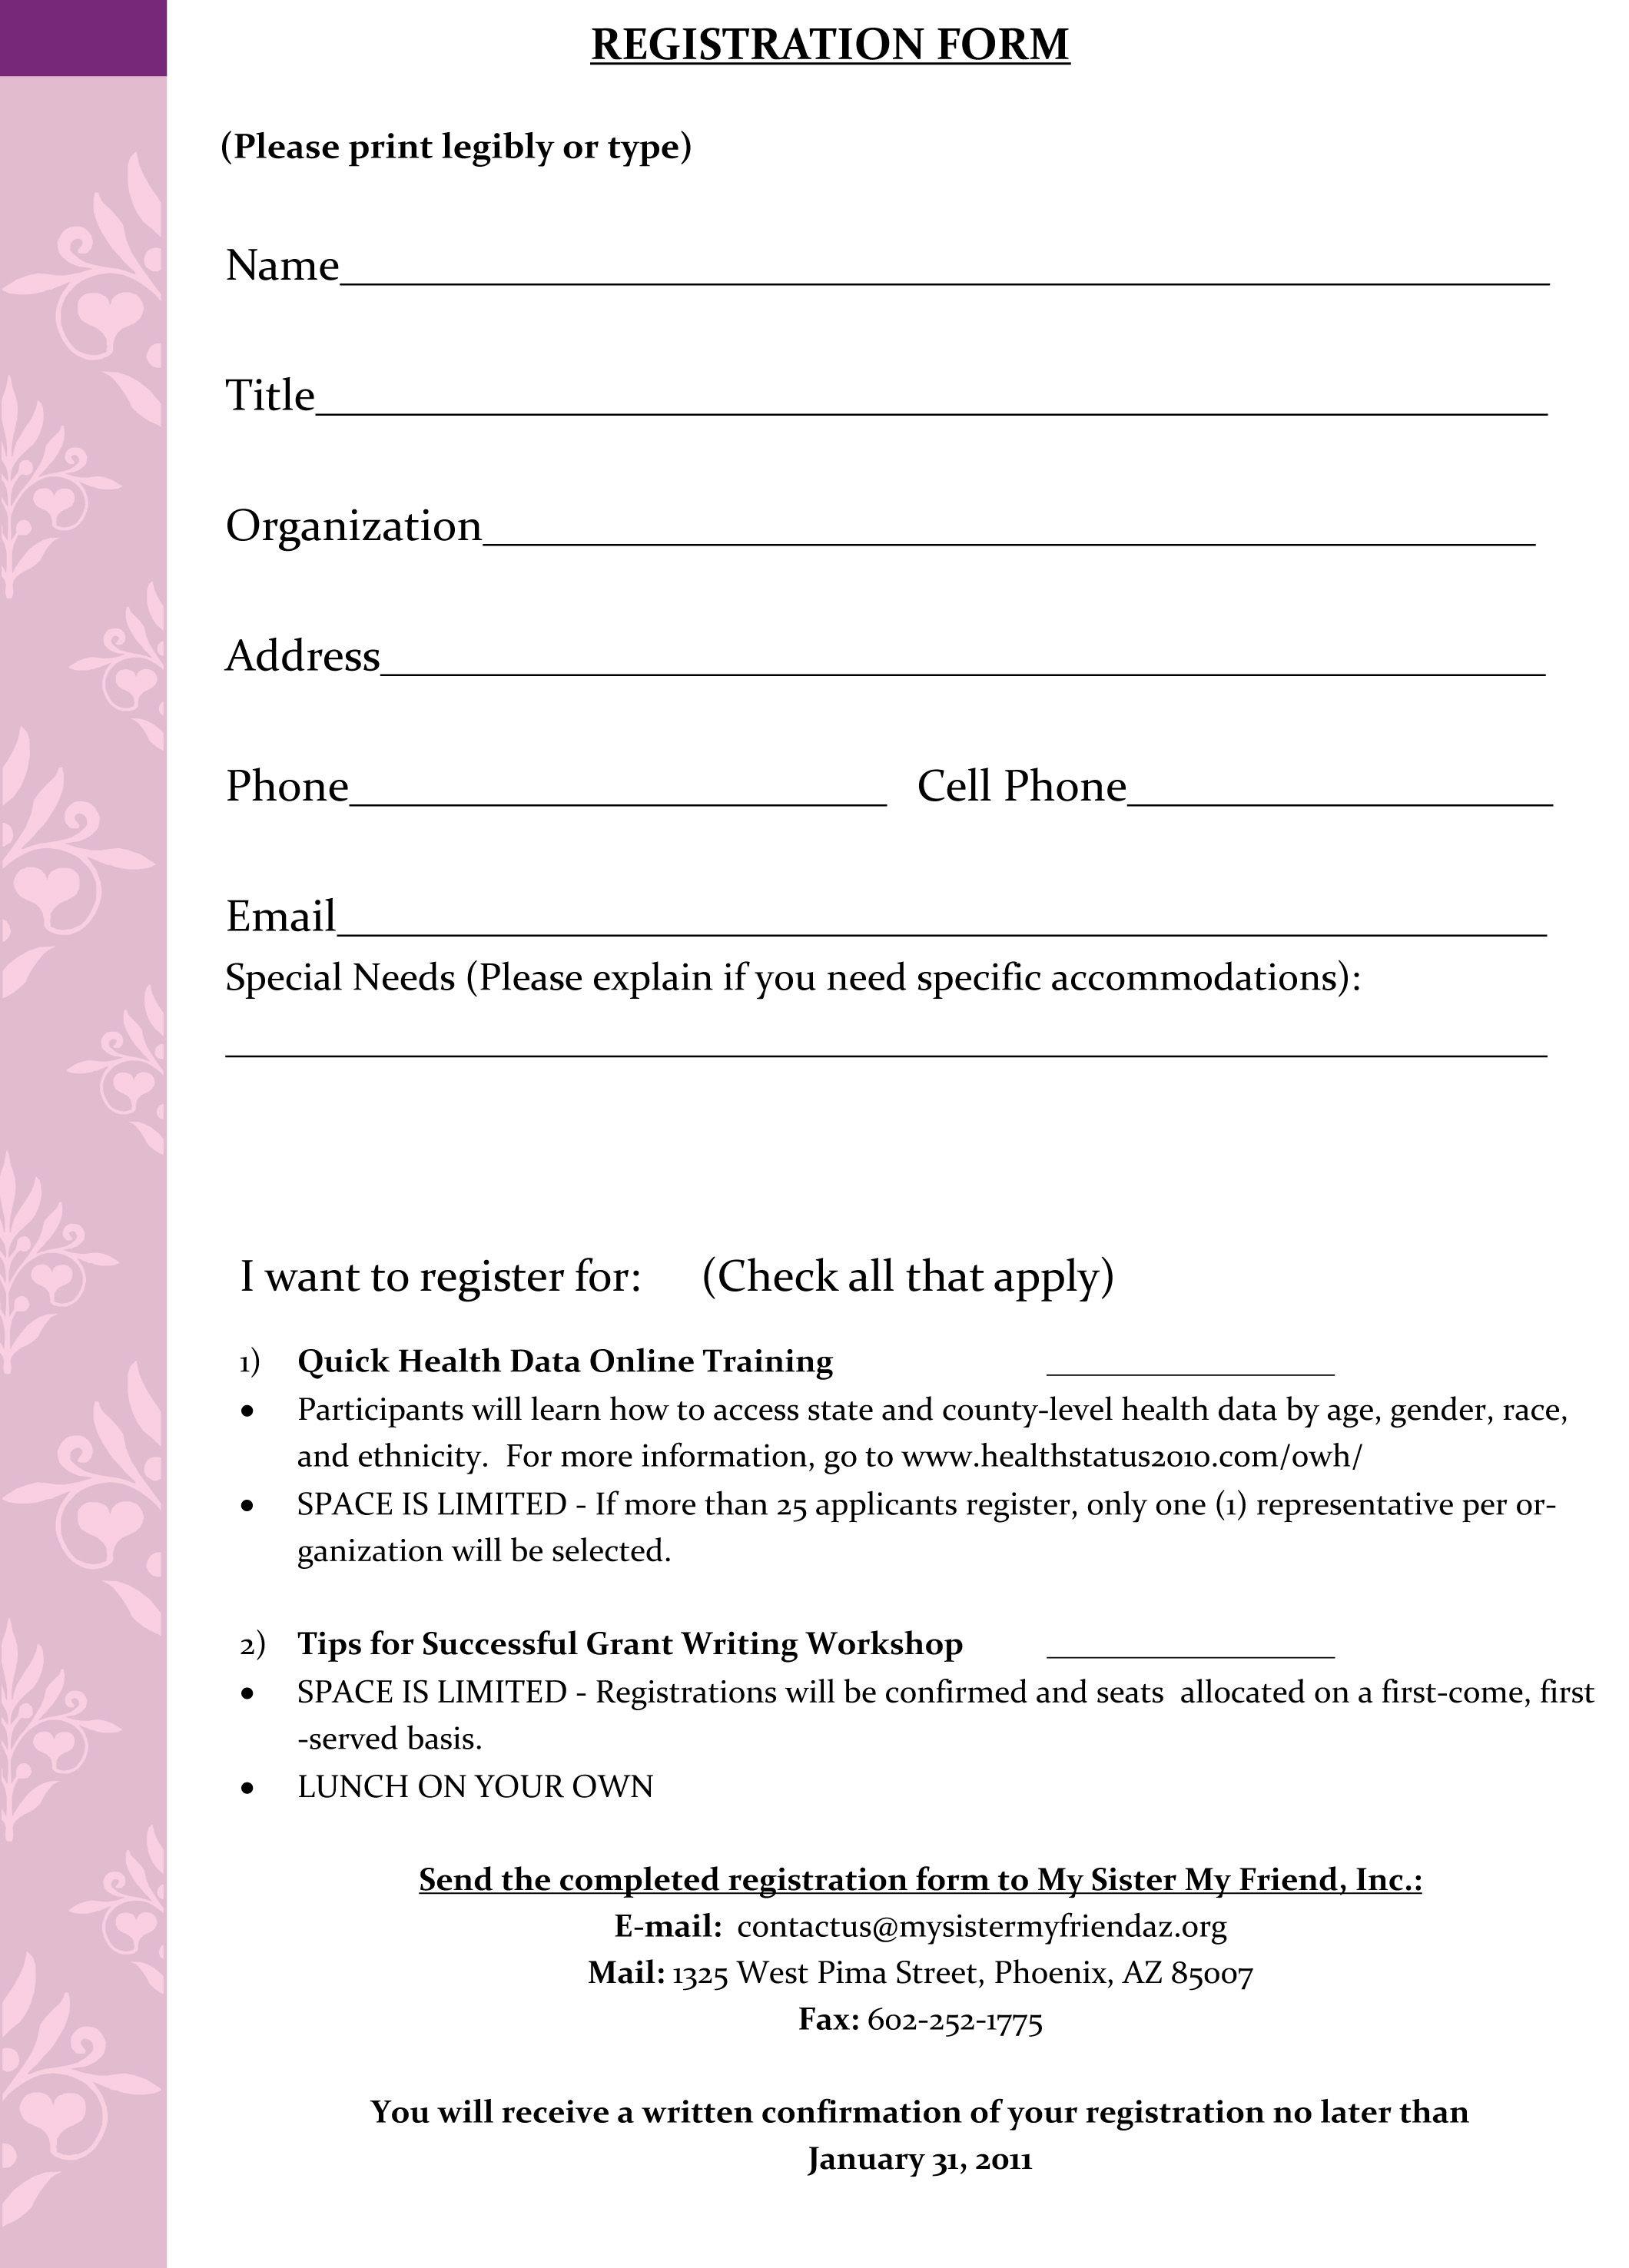 Rev 2 Registration Form With Images Registration Form